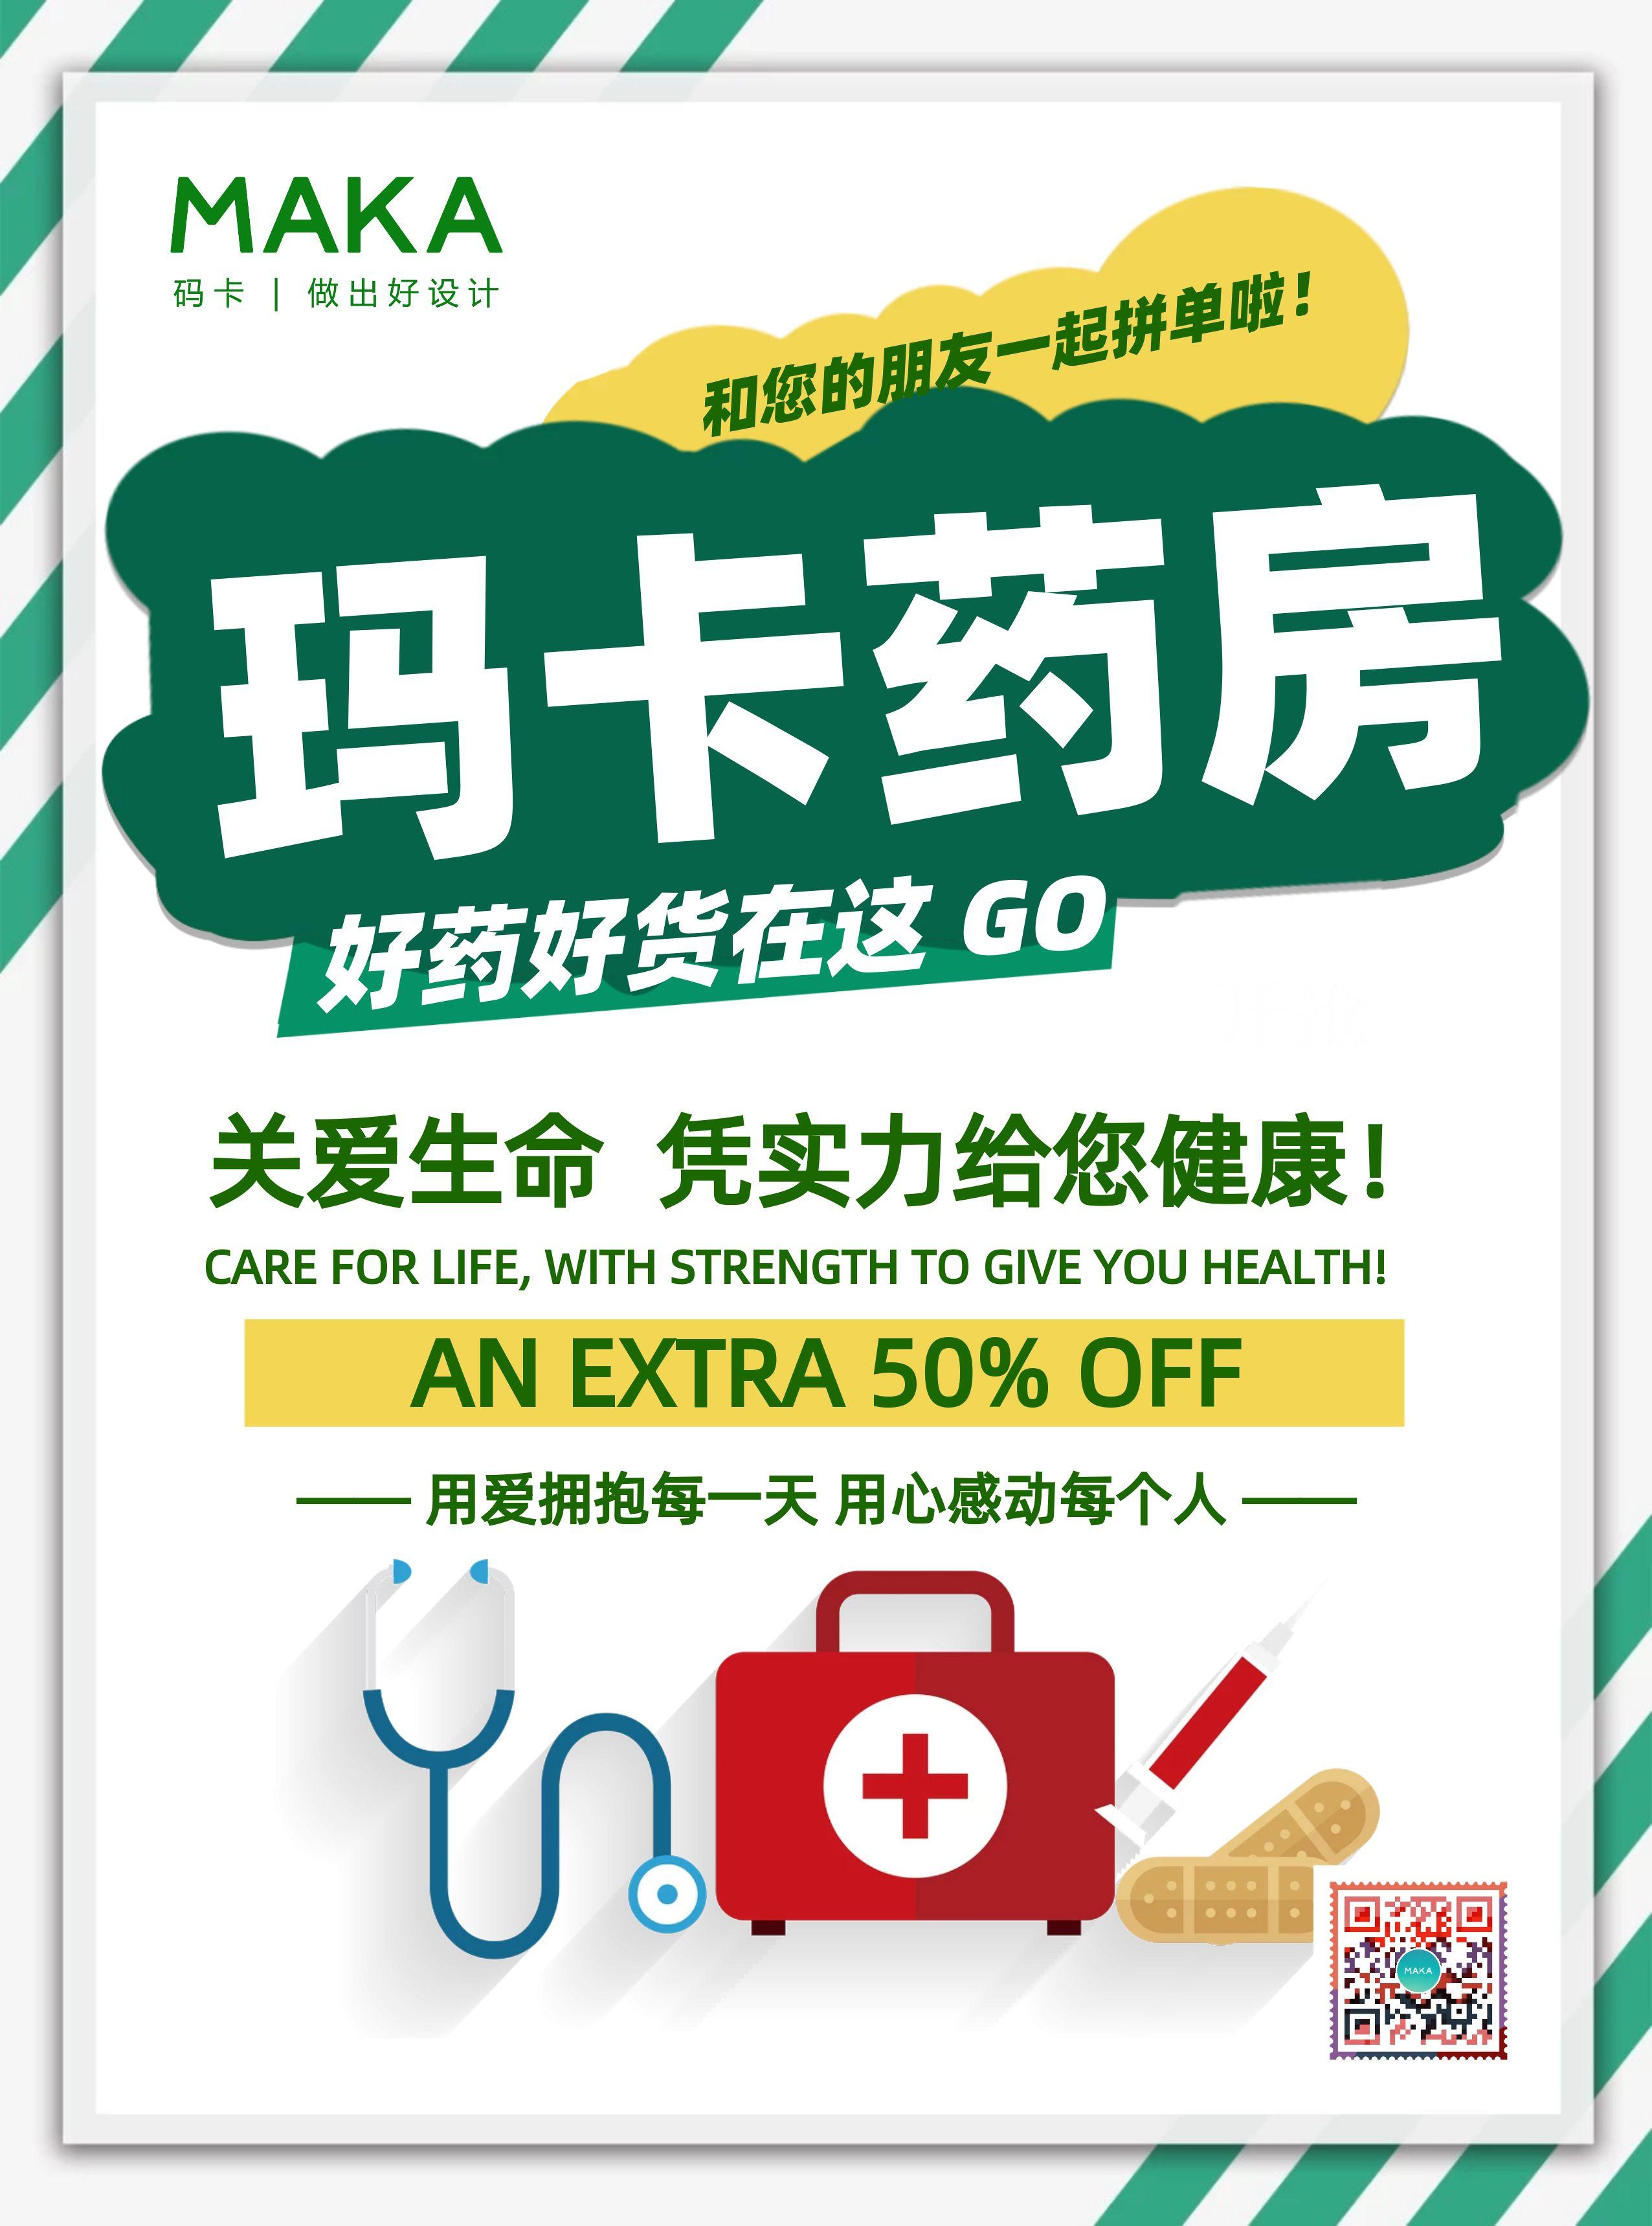 绿色简约风药店药房促销折扣宣传单页